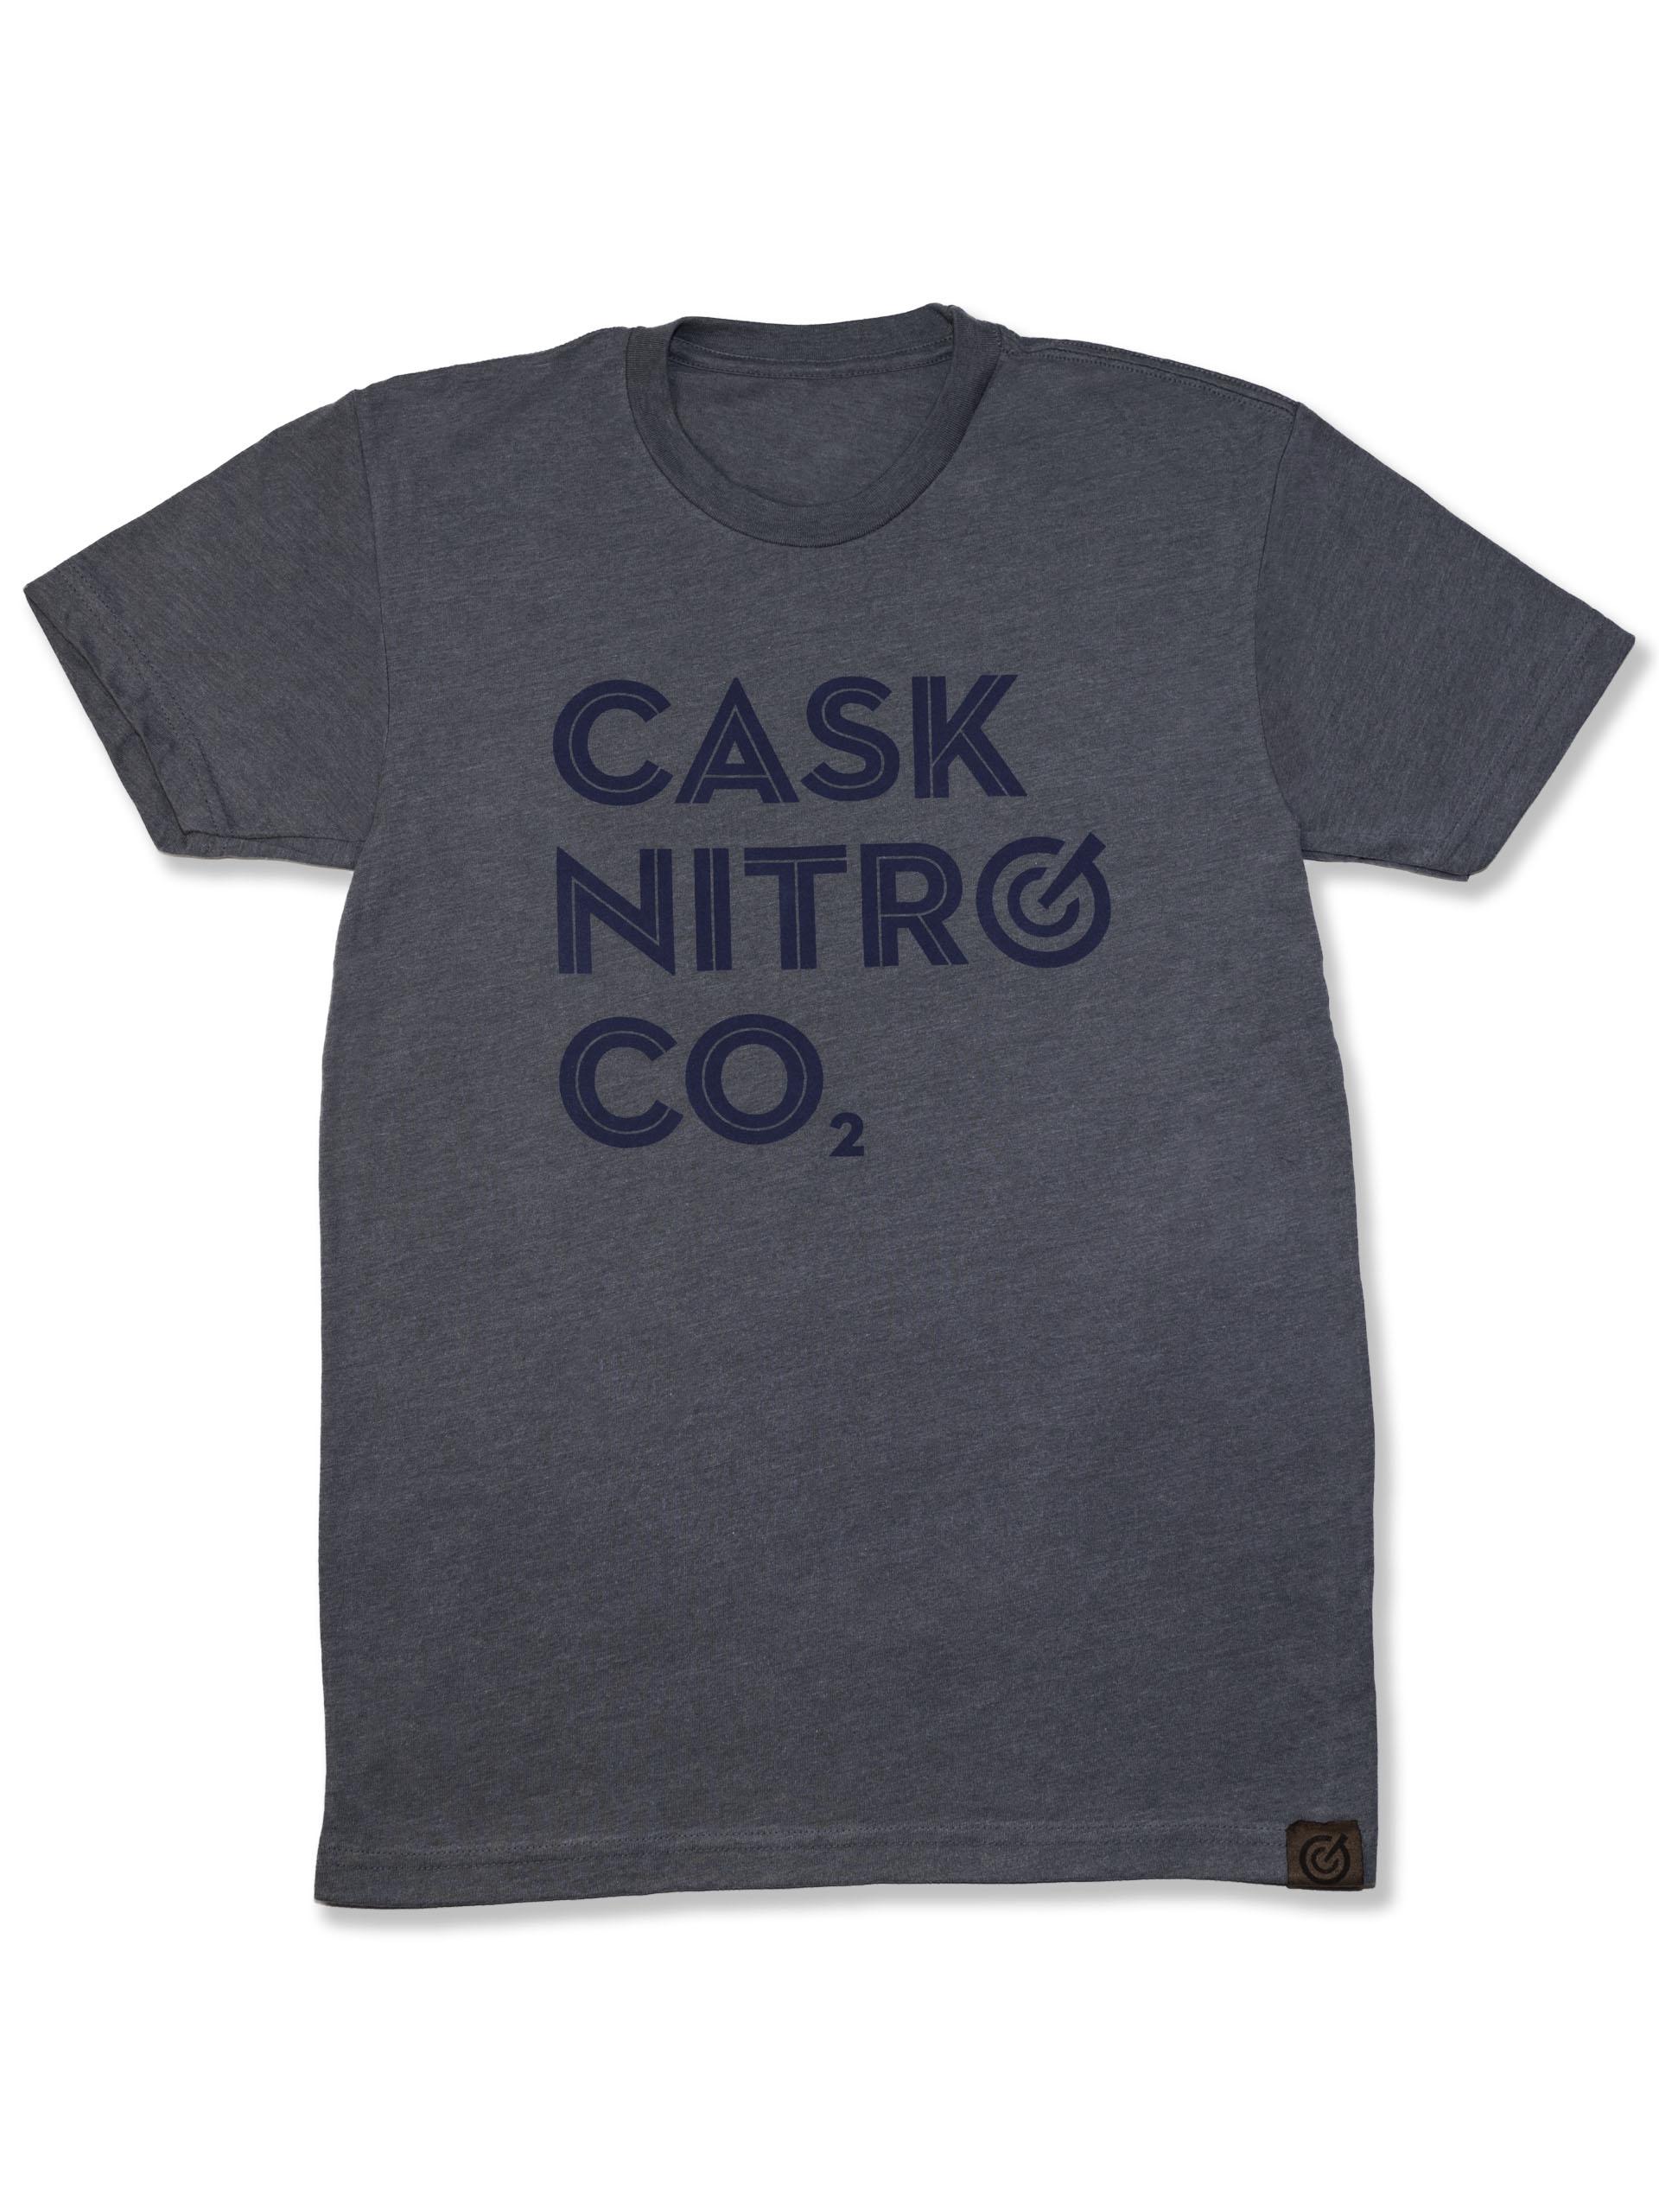 Cask, Nitro, Co2